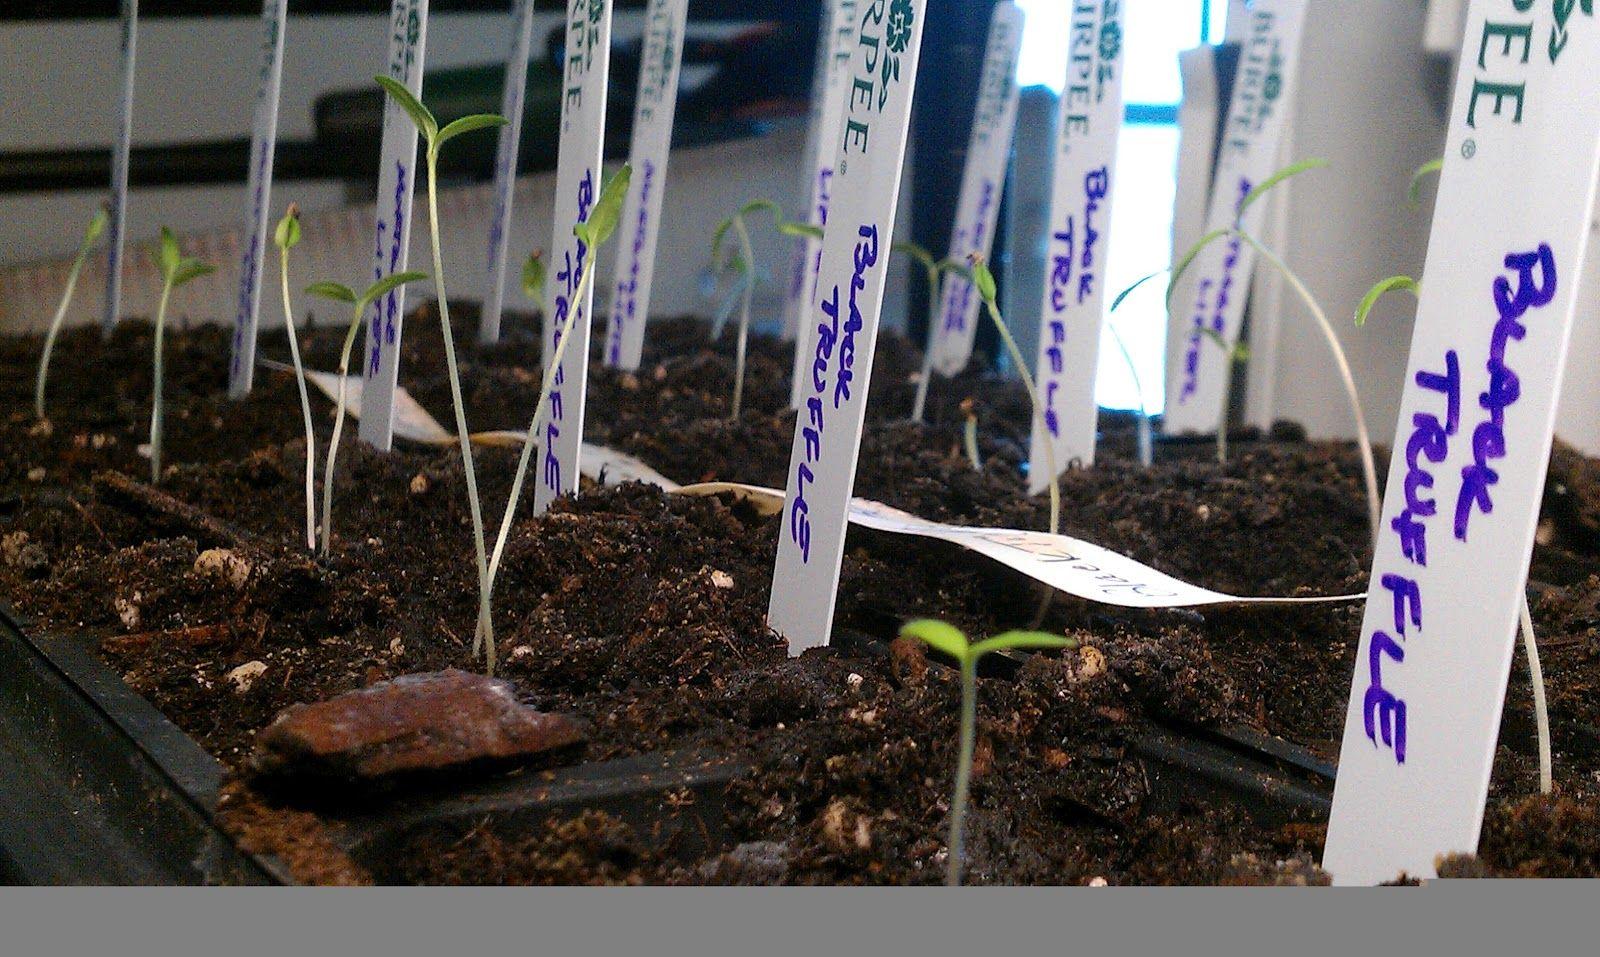 Diy indoor greenhouse for seed starting indoor